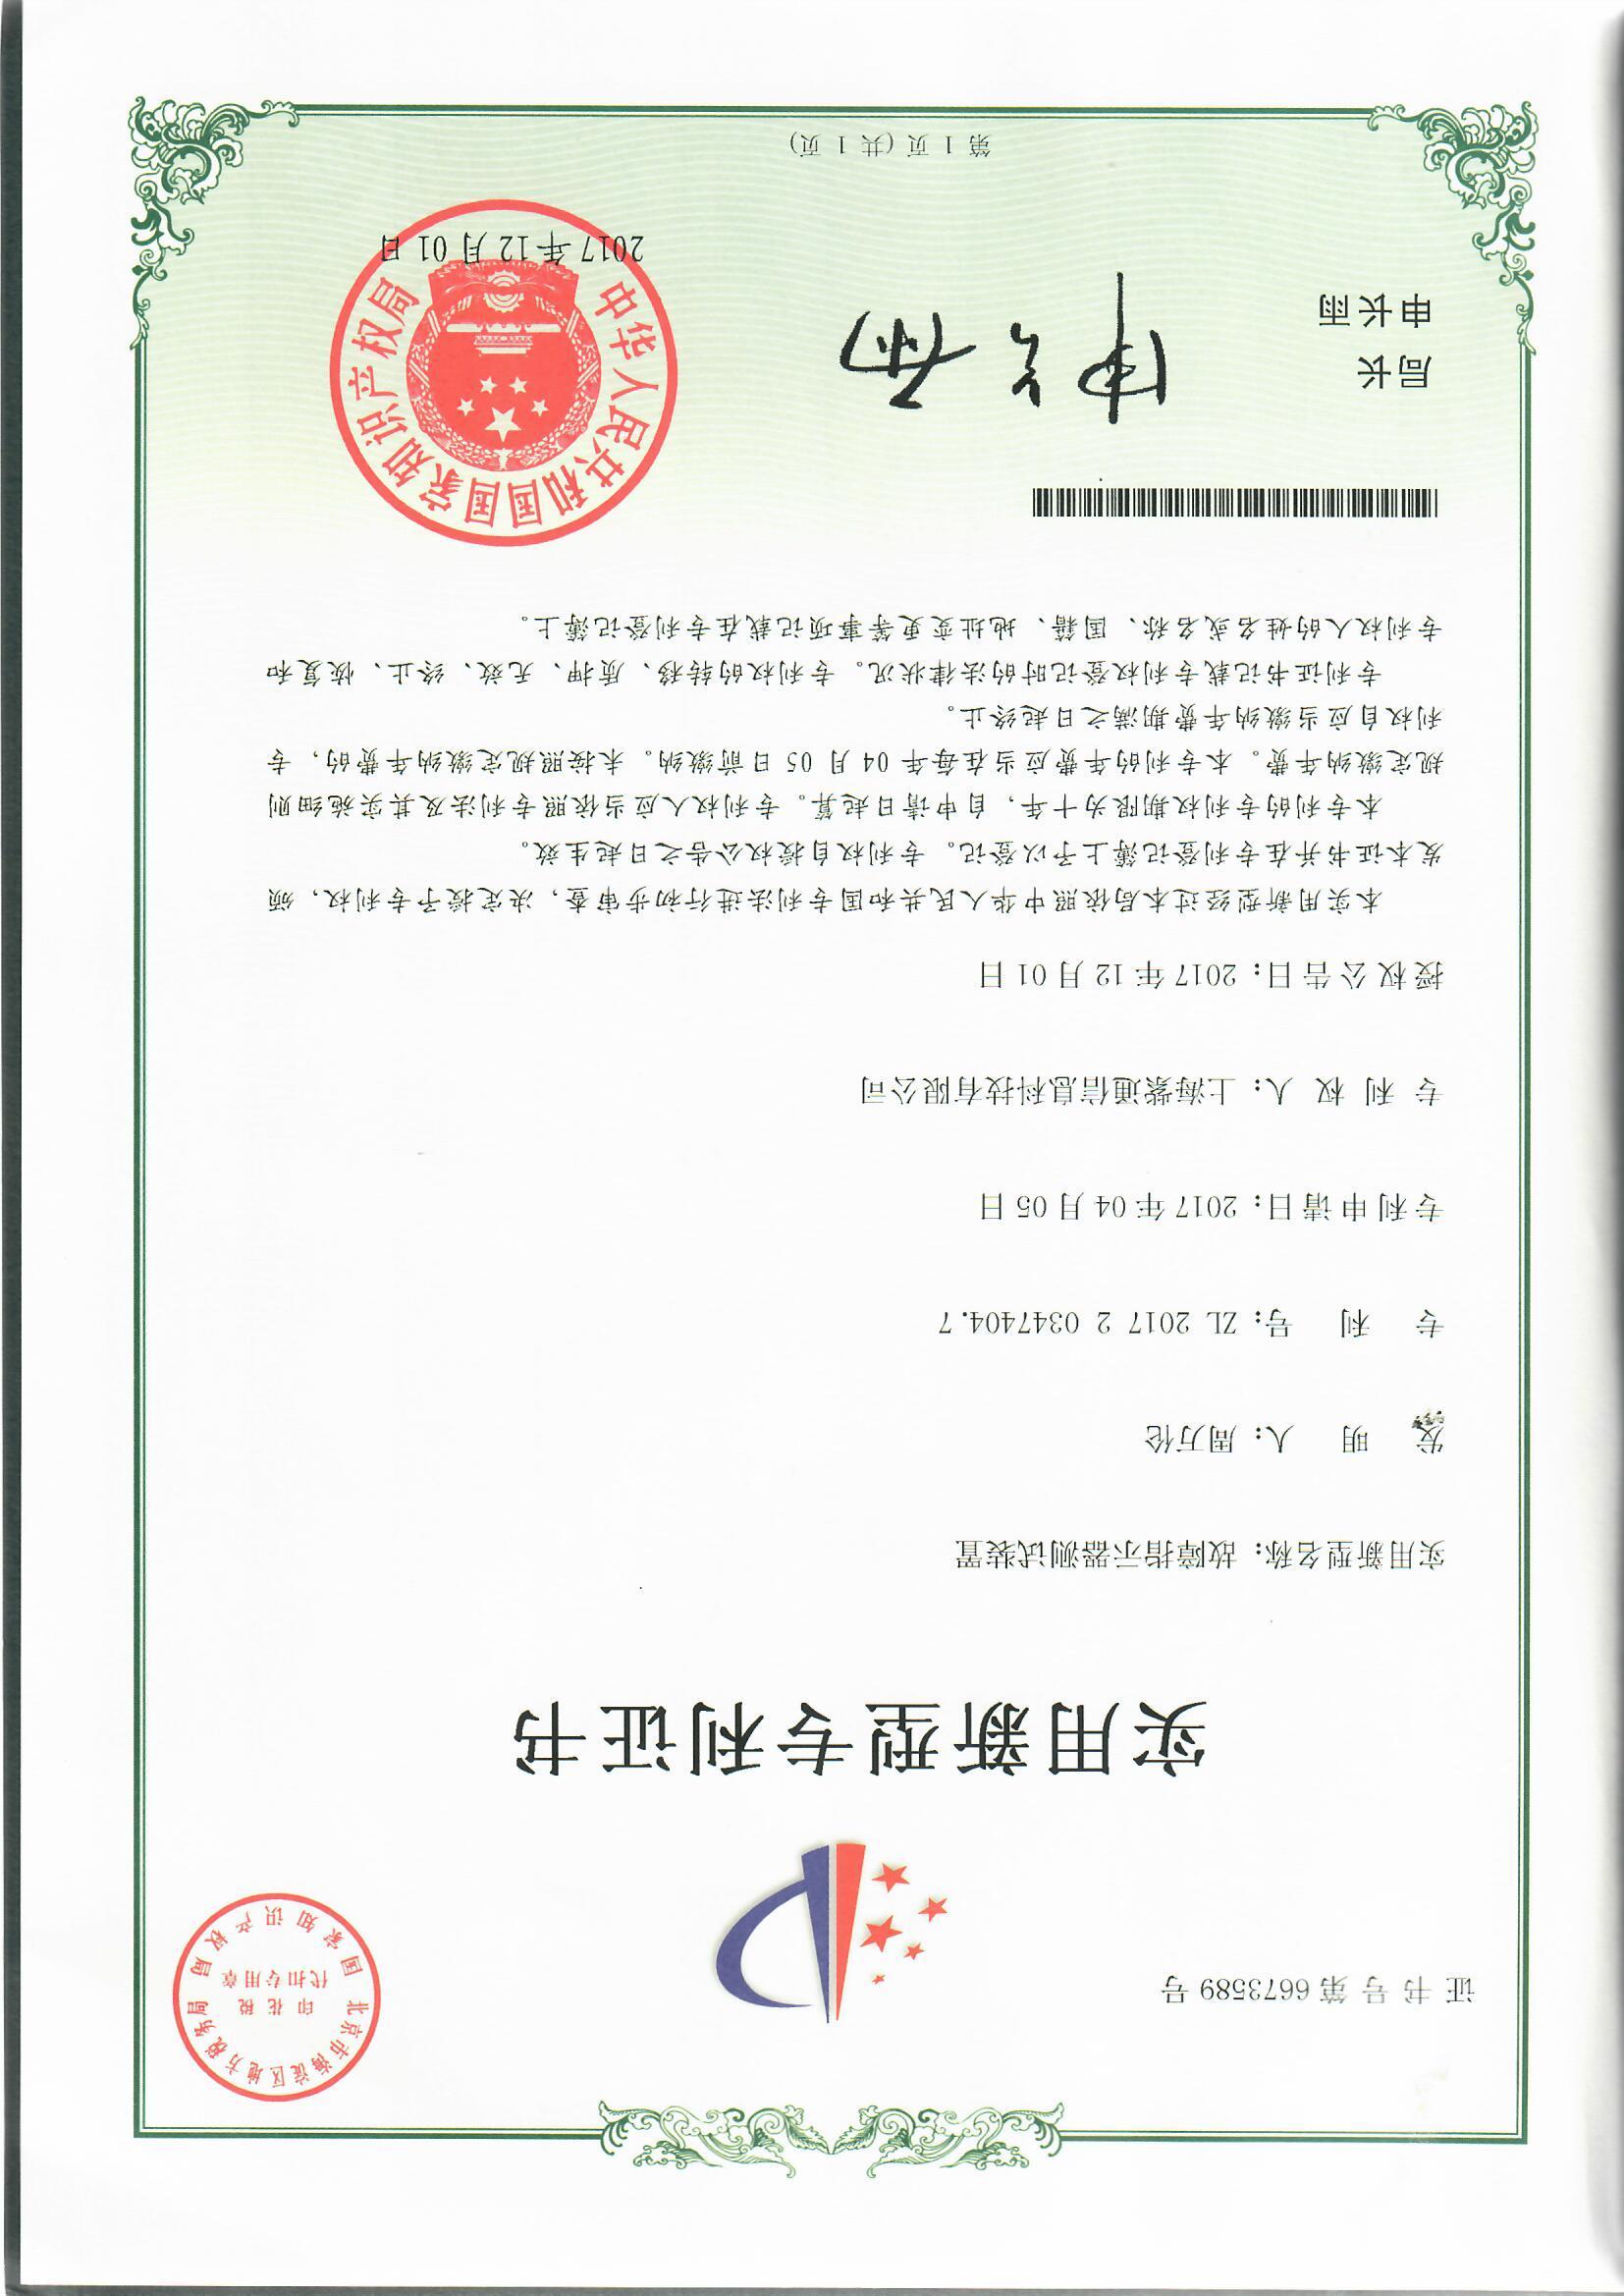 故障指示器测试装置实用新型专利证书